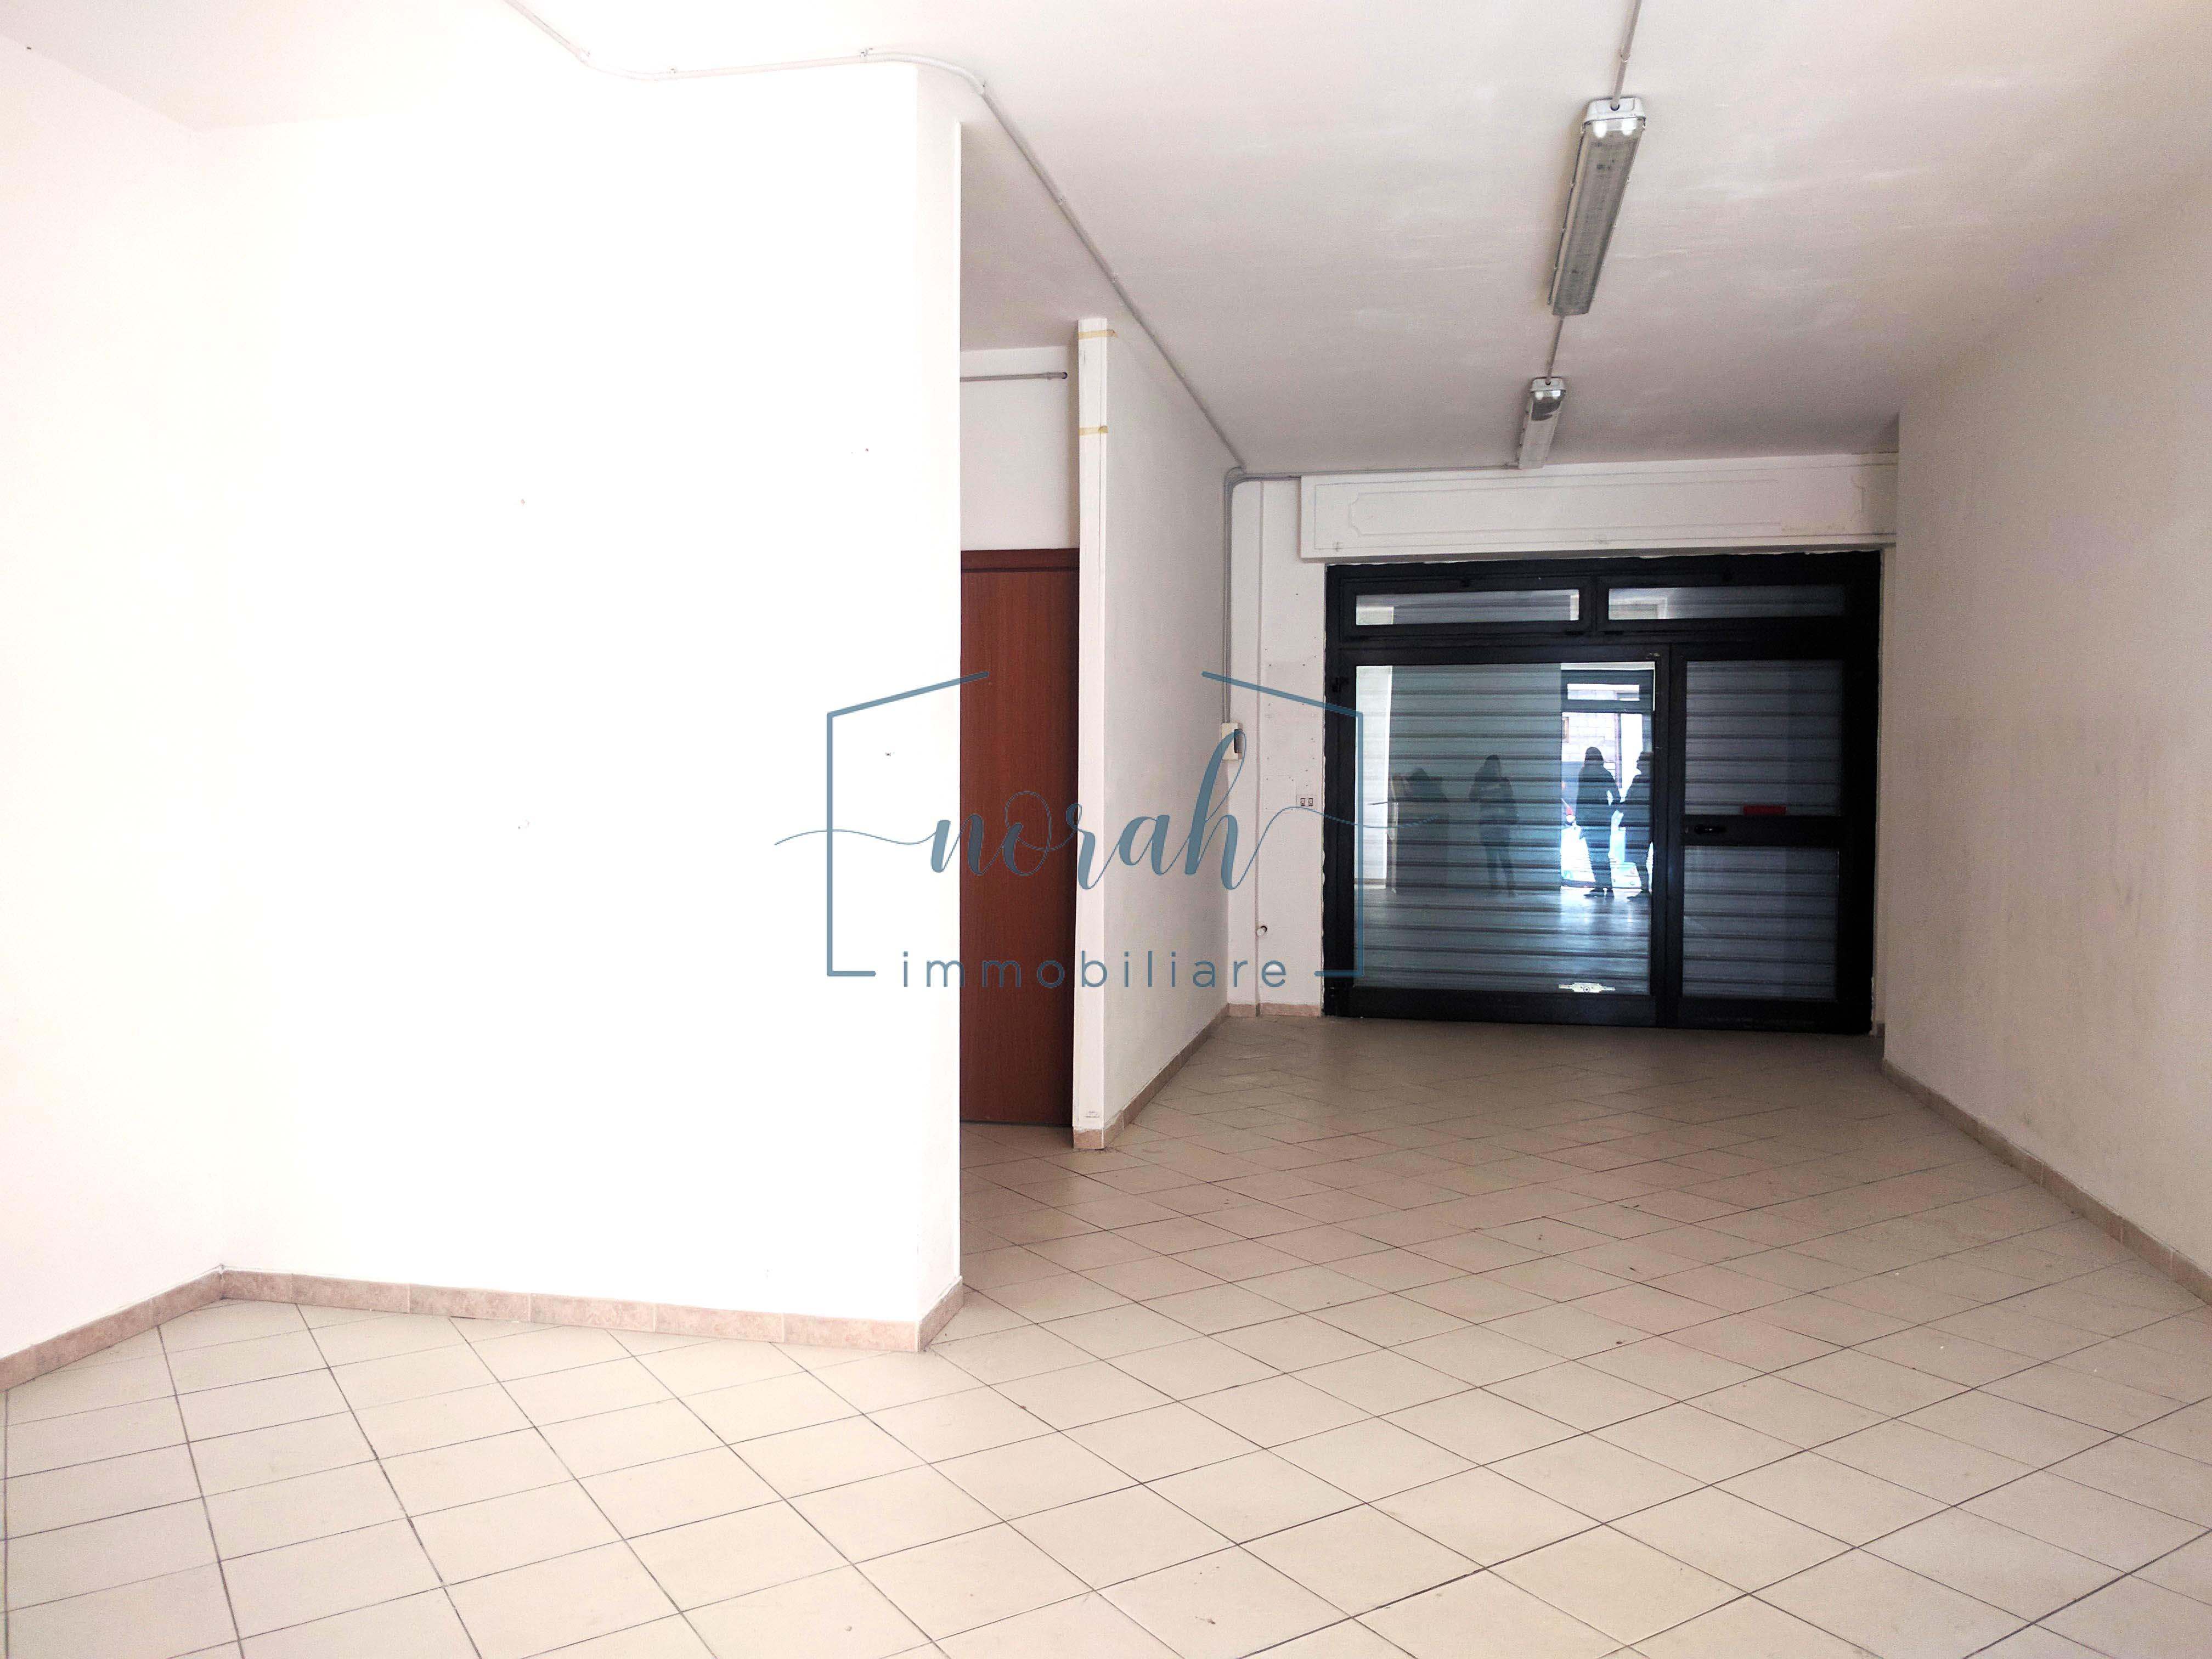 Locale uso negozio-Porto San Giorgio- Codice LP2